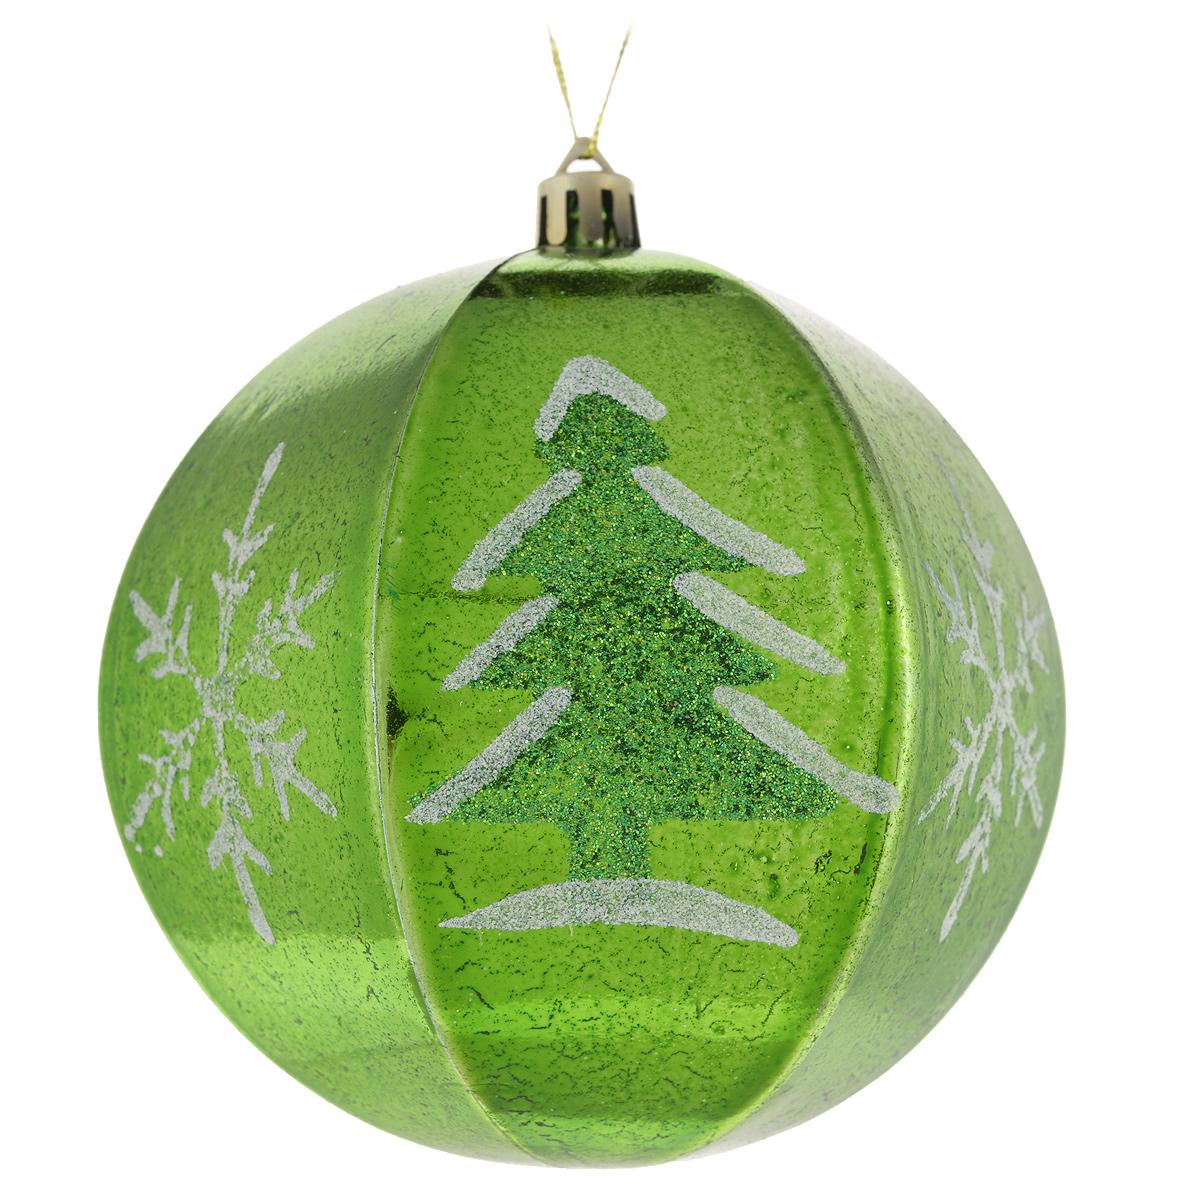 Набор новогодних подвесных украшений Sima-land Шар, цвет: зеленый, диаметр 10 см, 2 шт. 799470799470